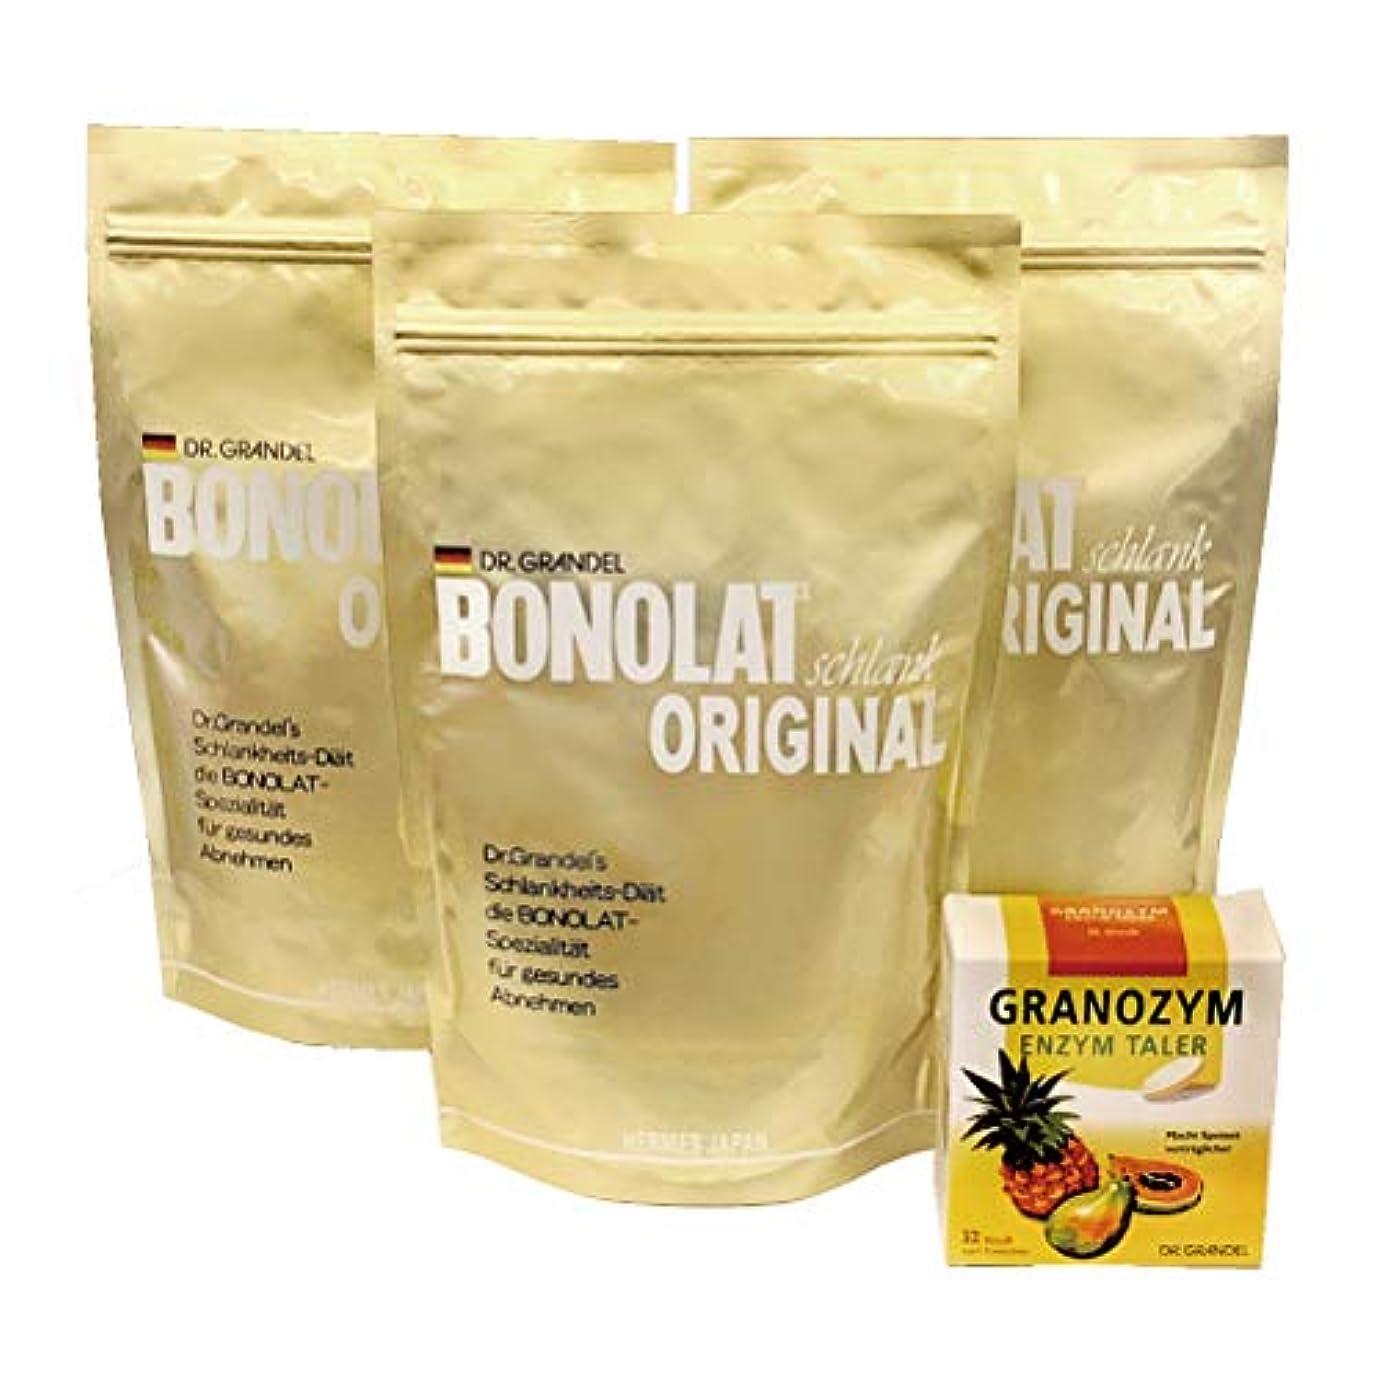 へこみ尊厳雄弁なボノラート600g×3袋(30g×60杯) & グラノザイムセット 無添加 乳プロテイン 置き換えシェイク & 酵素タブレット